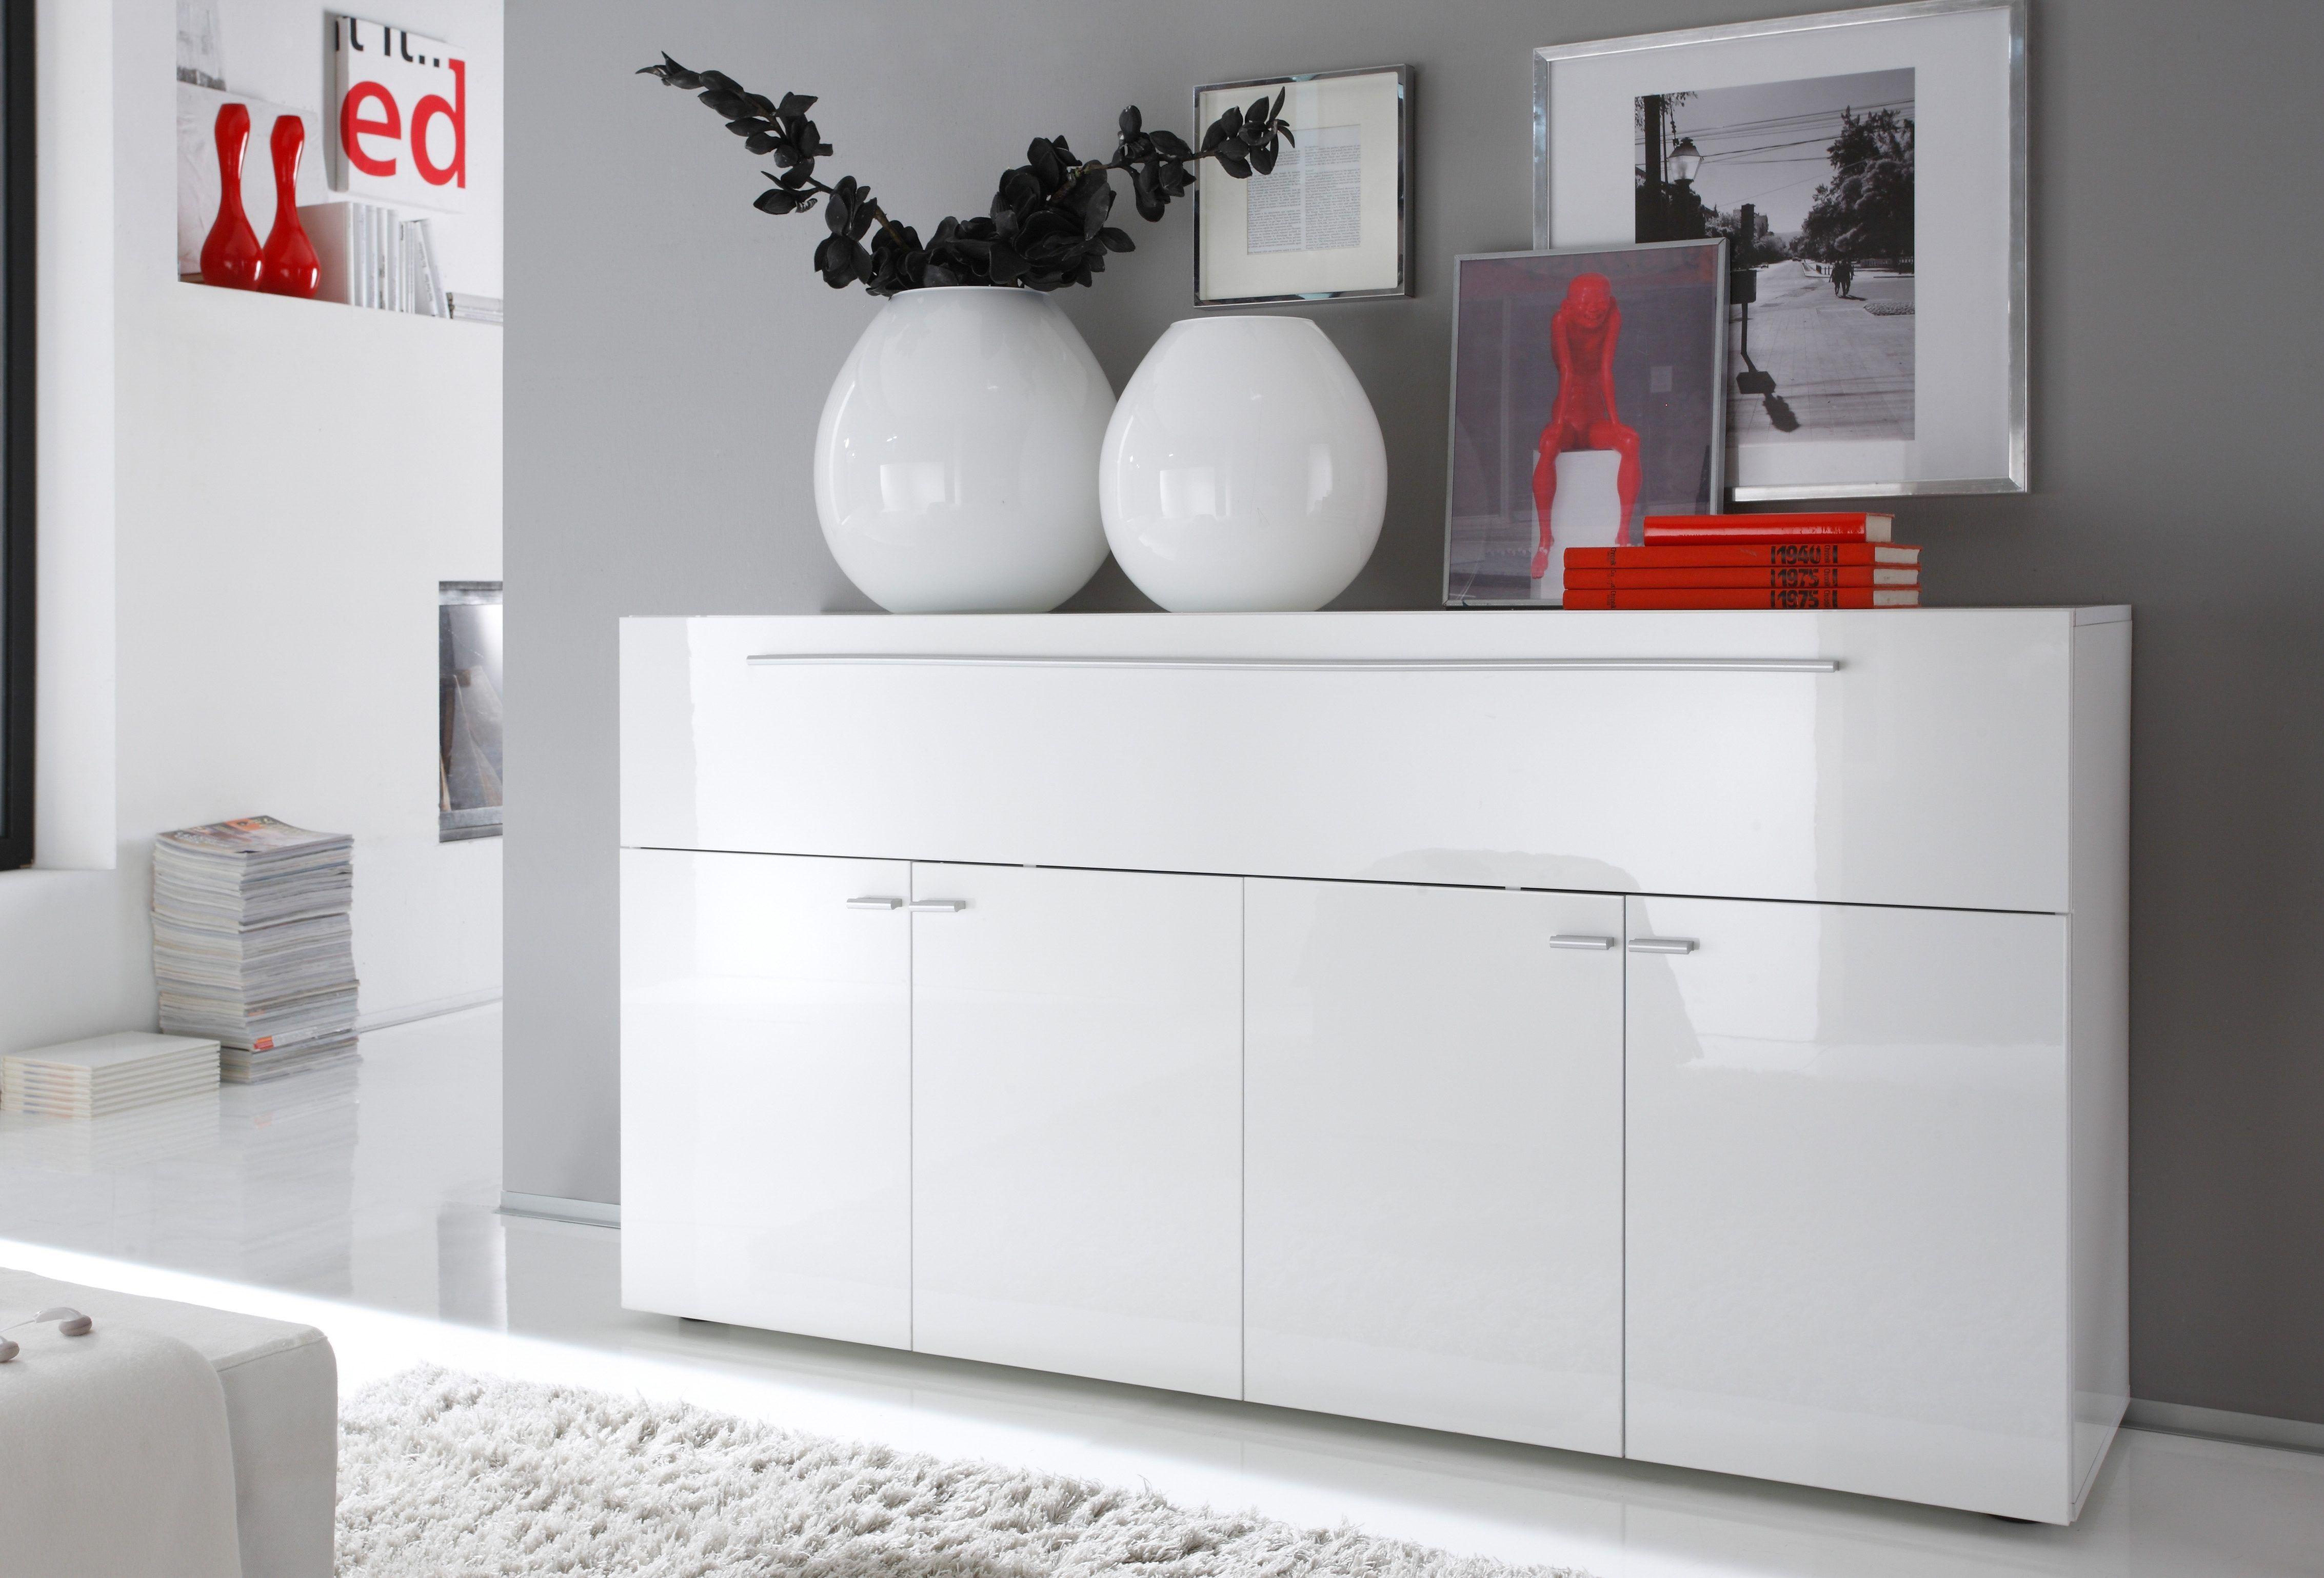 Highboard Wohnzimmer ~ Lc sideboard weiß ohne aufbauservice hochglanz jetzt bestellen